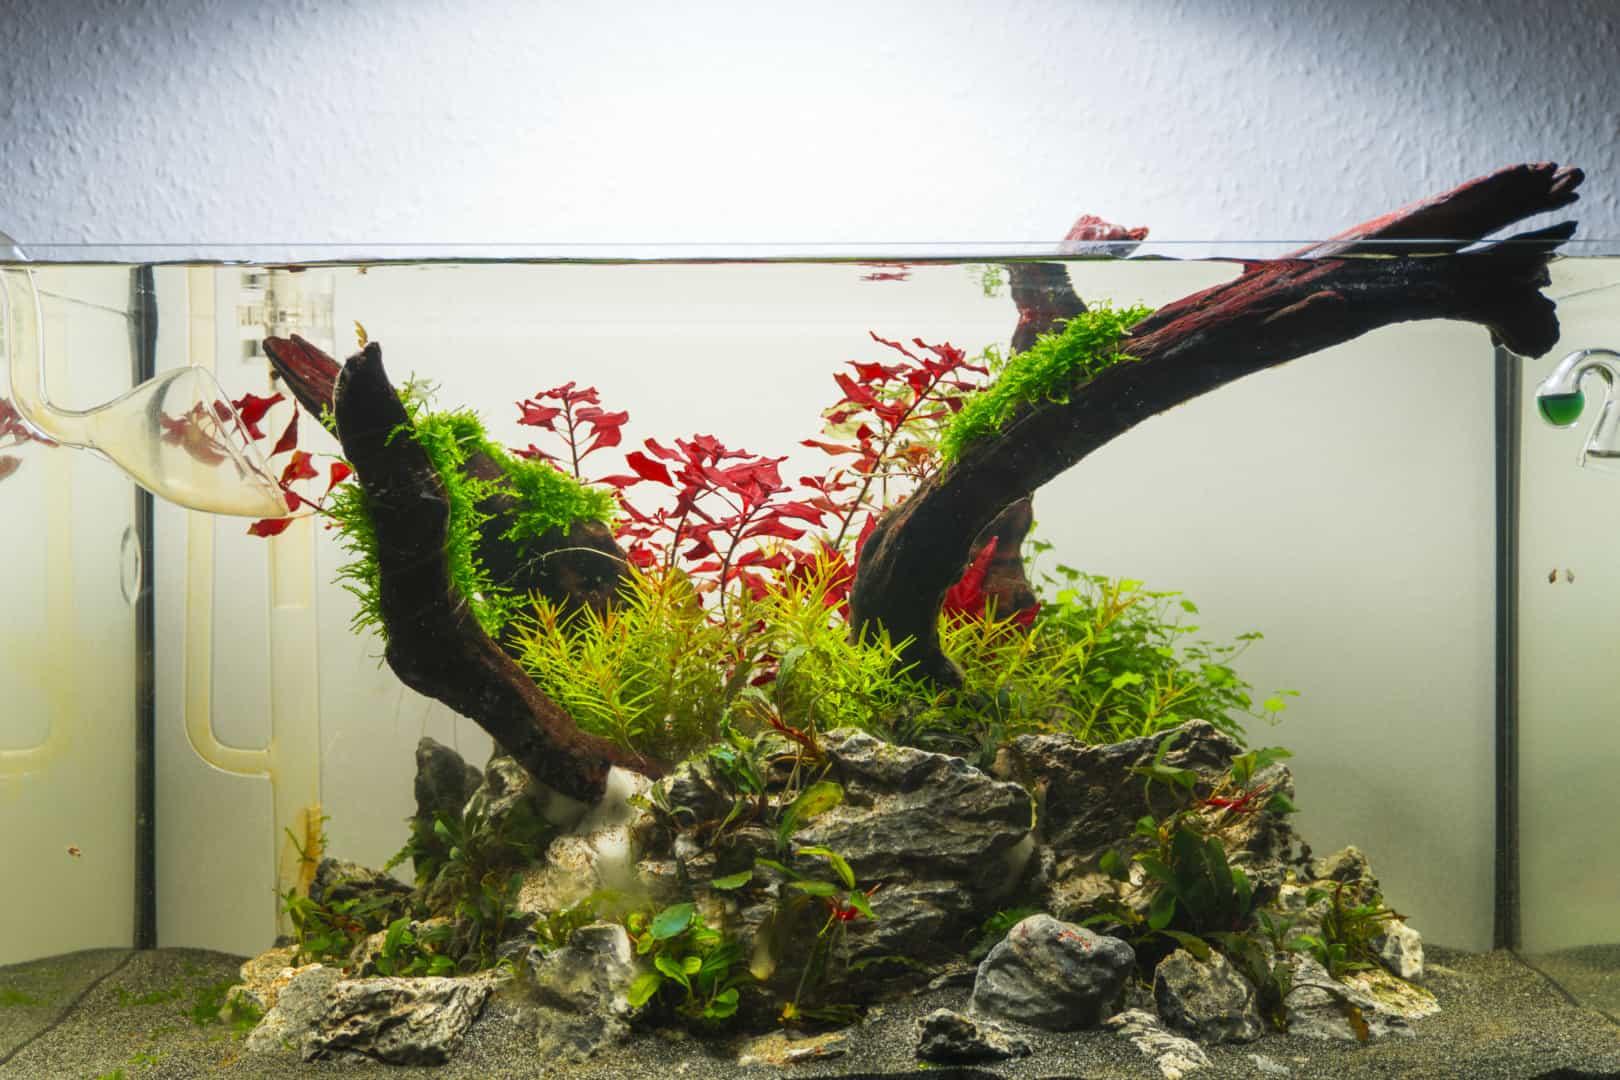 290: Wissensverbreitung und Aufklärung in der modernsten Form - Aquaristik auf TikTok (Daniel Trakowsky) 8